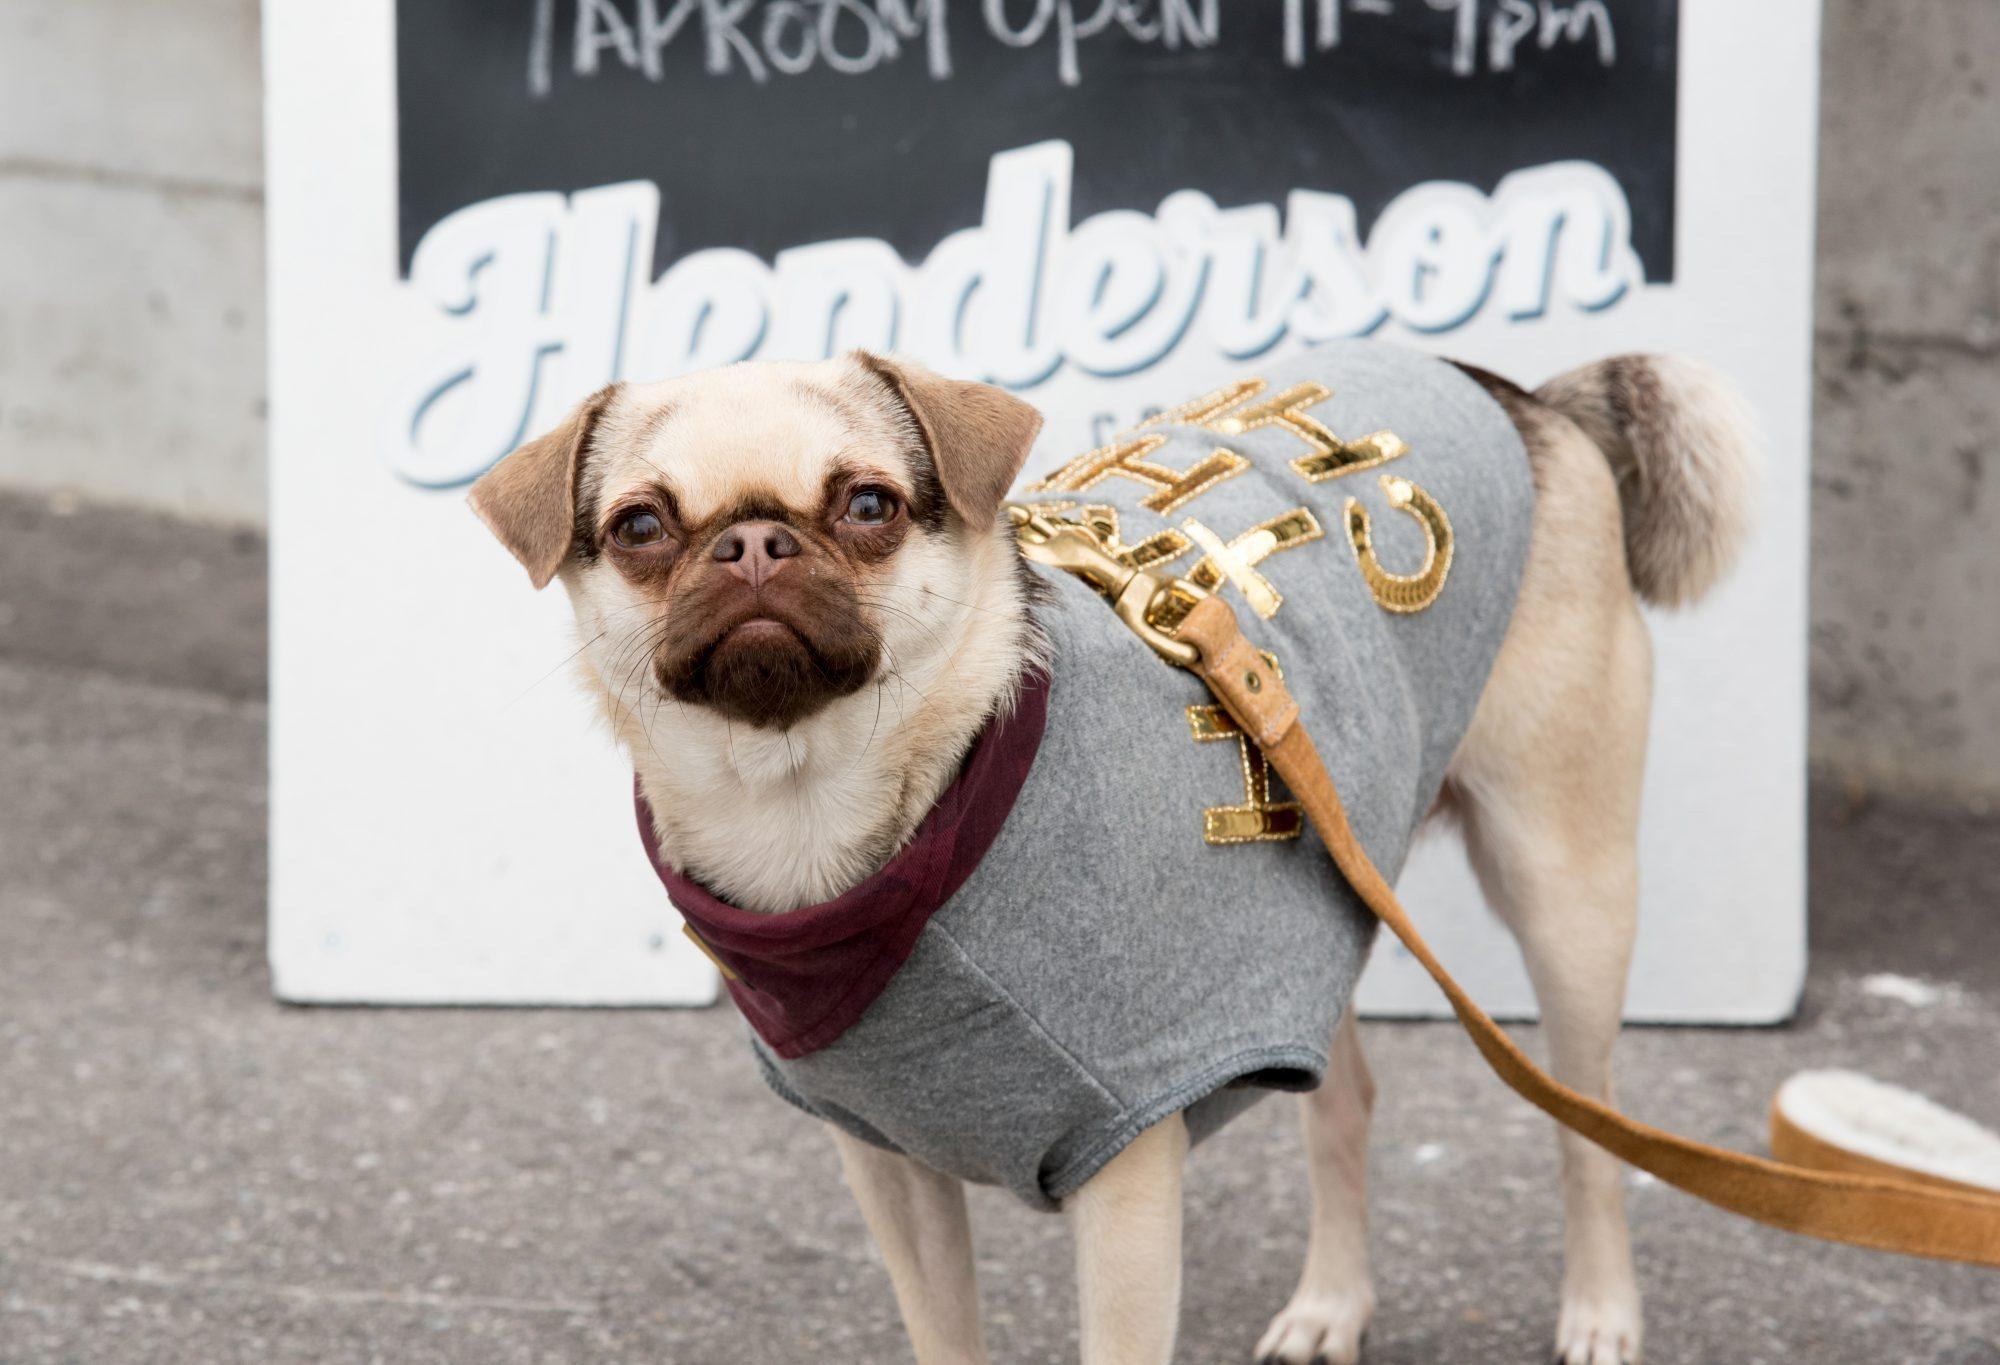 toronto-breweries-dogtoberfest-streeters-henderson-brewing-co-beer-dogs-harley